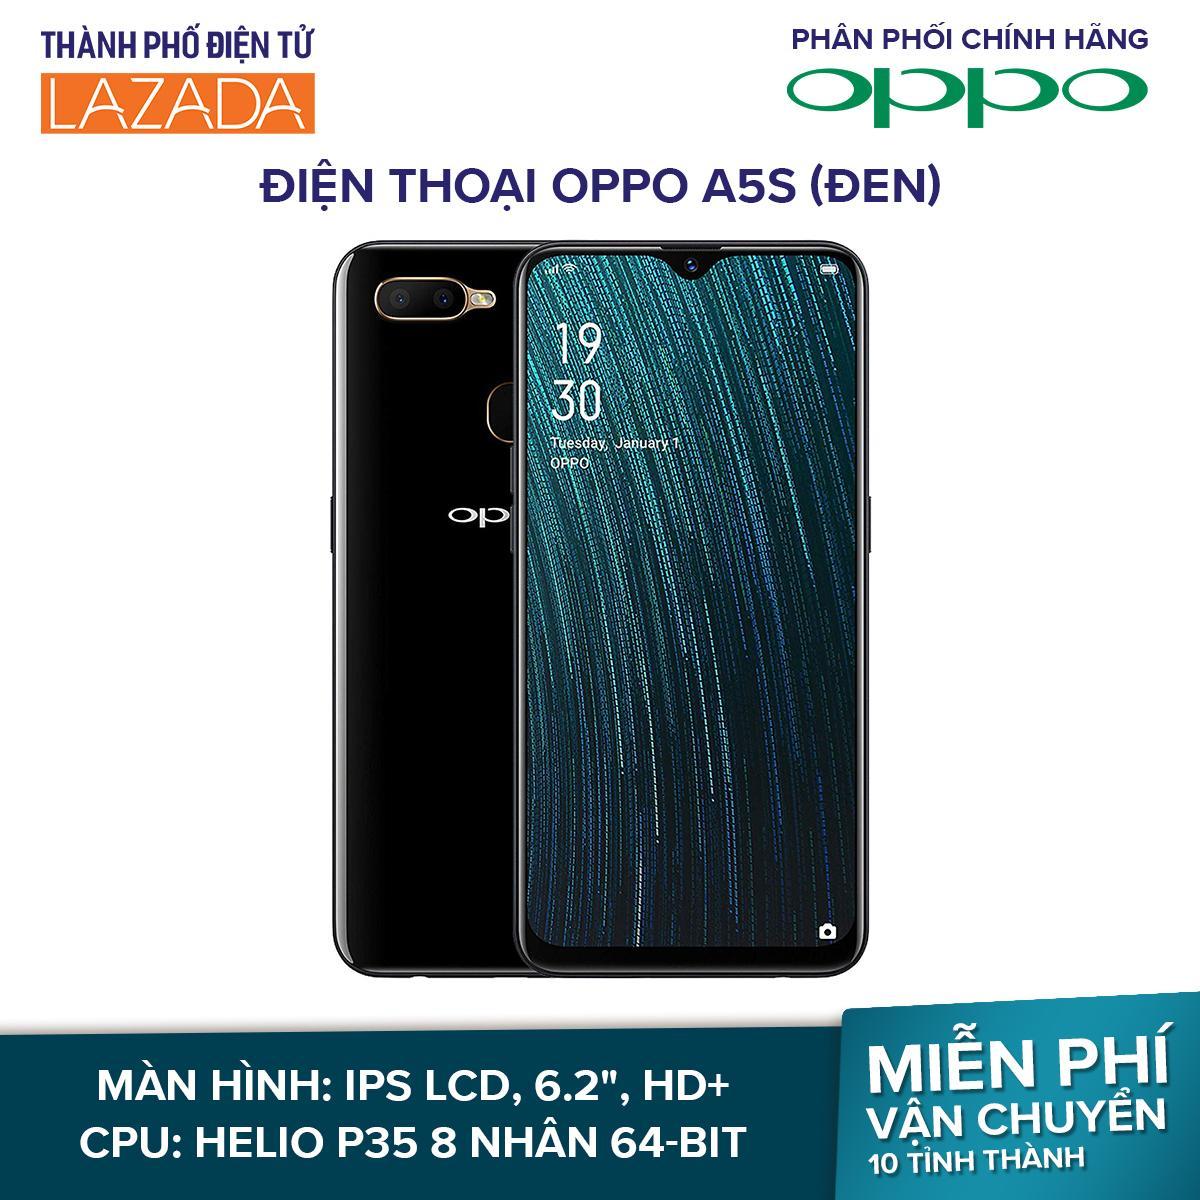 Điện Thoại OPPO A5s - 2 Nano SIM 4G, 2 Camera sau: Chính 13 MP & Phụ 2 MP - Hãng phân phối chính thức